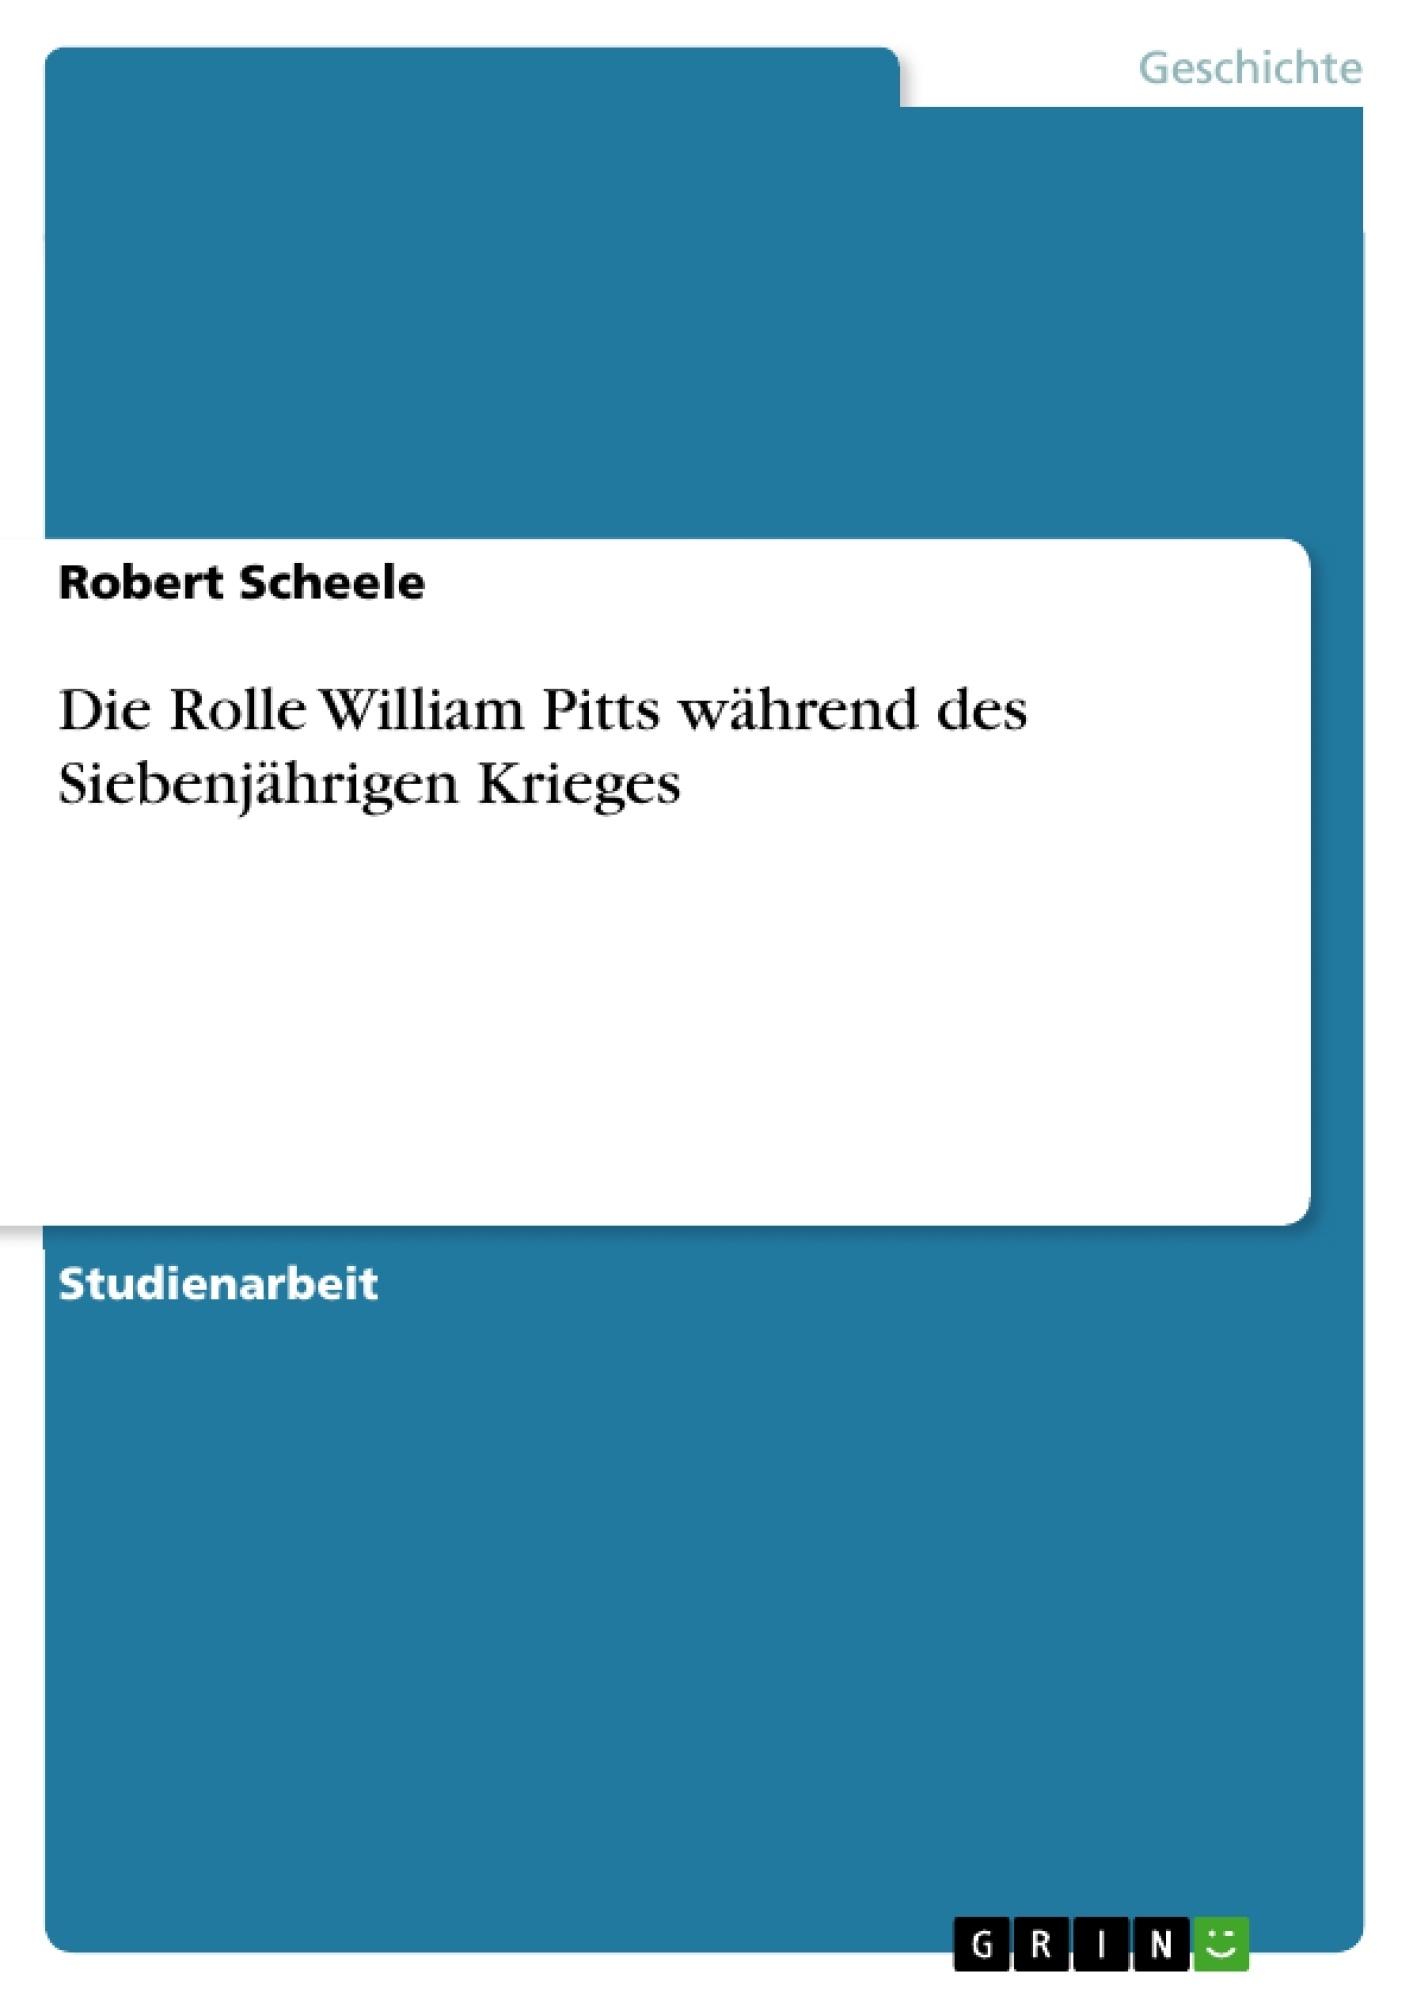 Titel: Die Rolle William Pitts während des Siebenjährigen Krieges